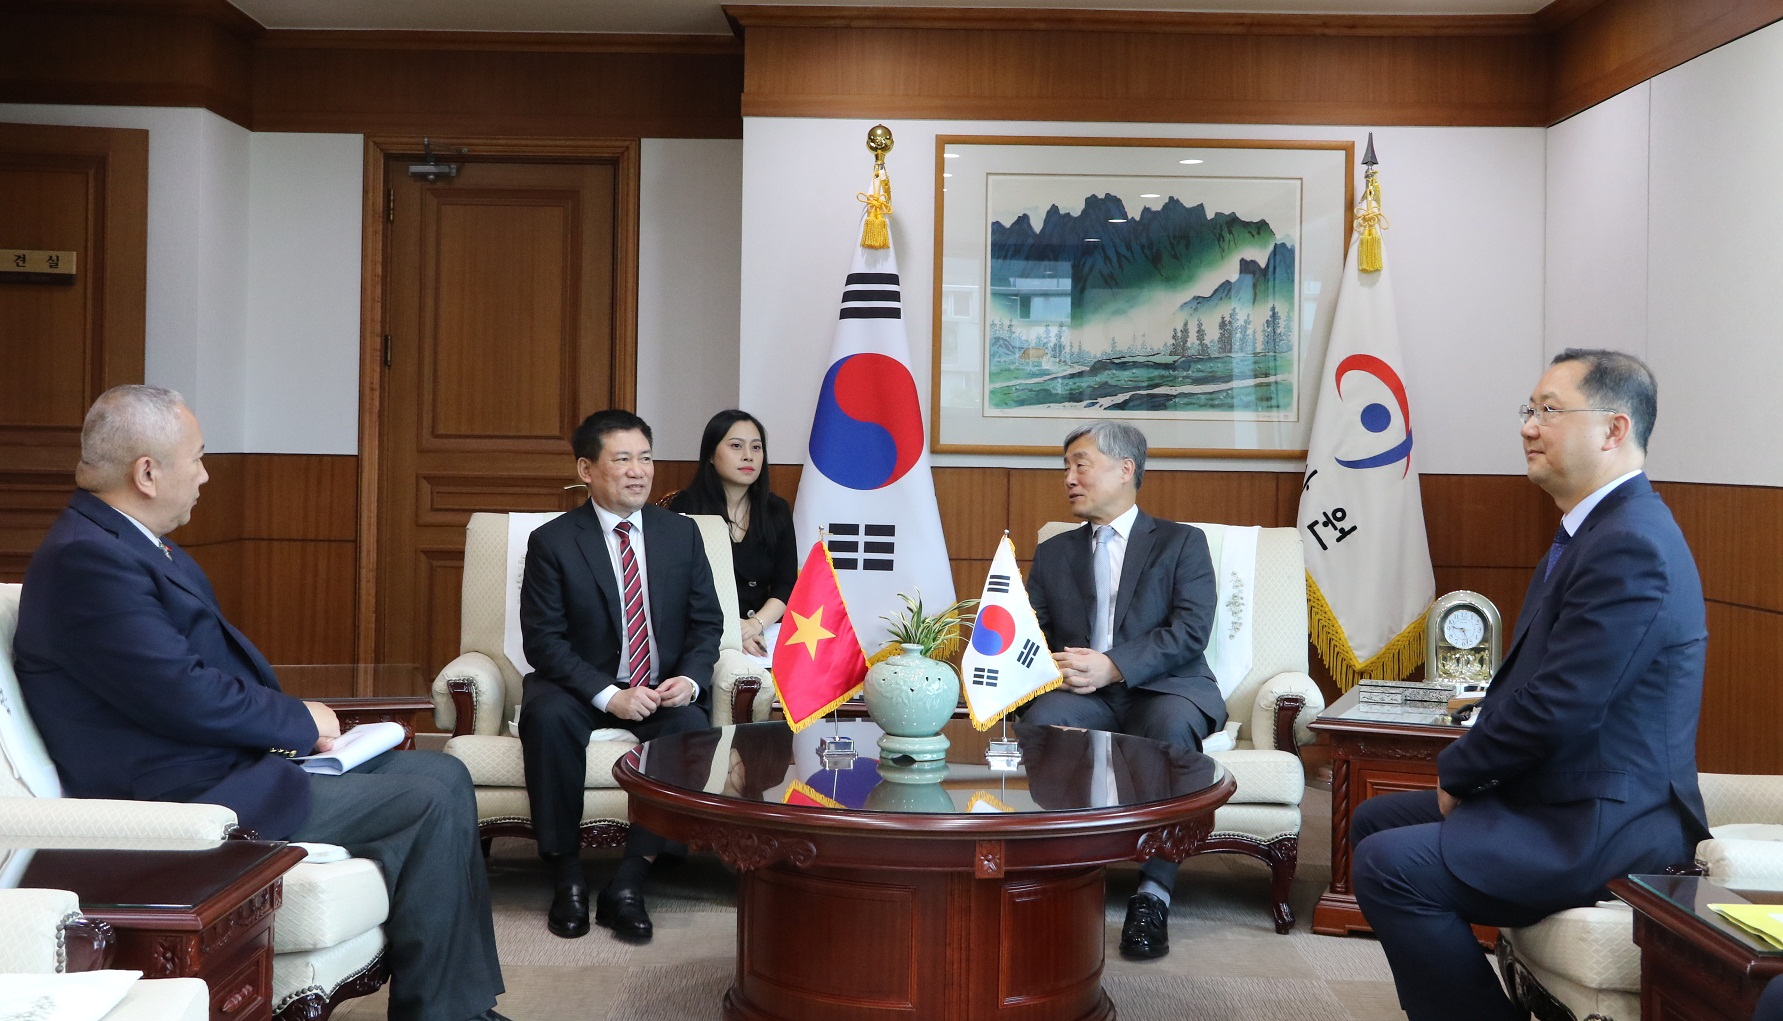 Hình ảnh Tổng Kiểm toán Nhà nước Hồ Đức Phớc thăm và làm việc tại Hàn Quốc